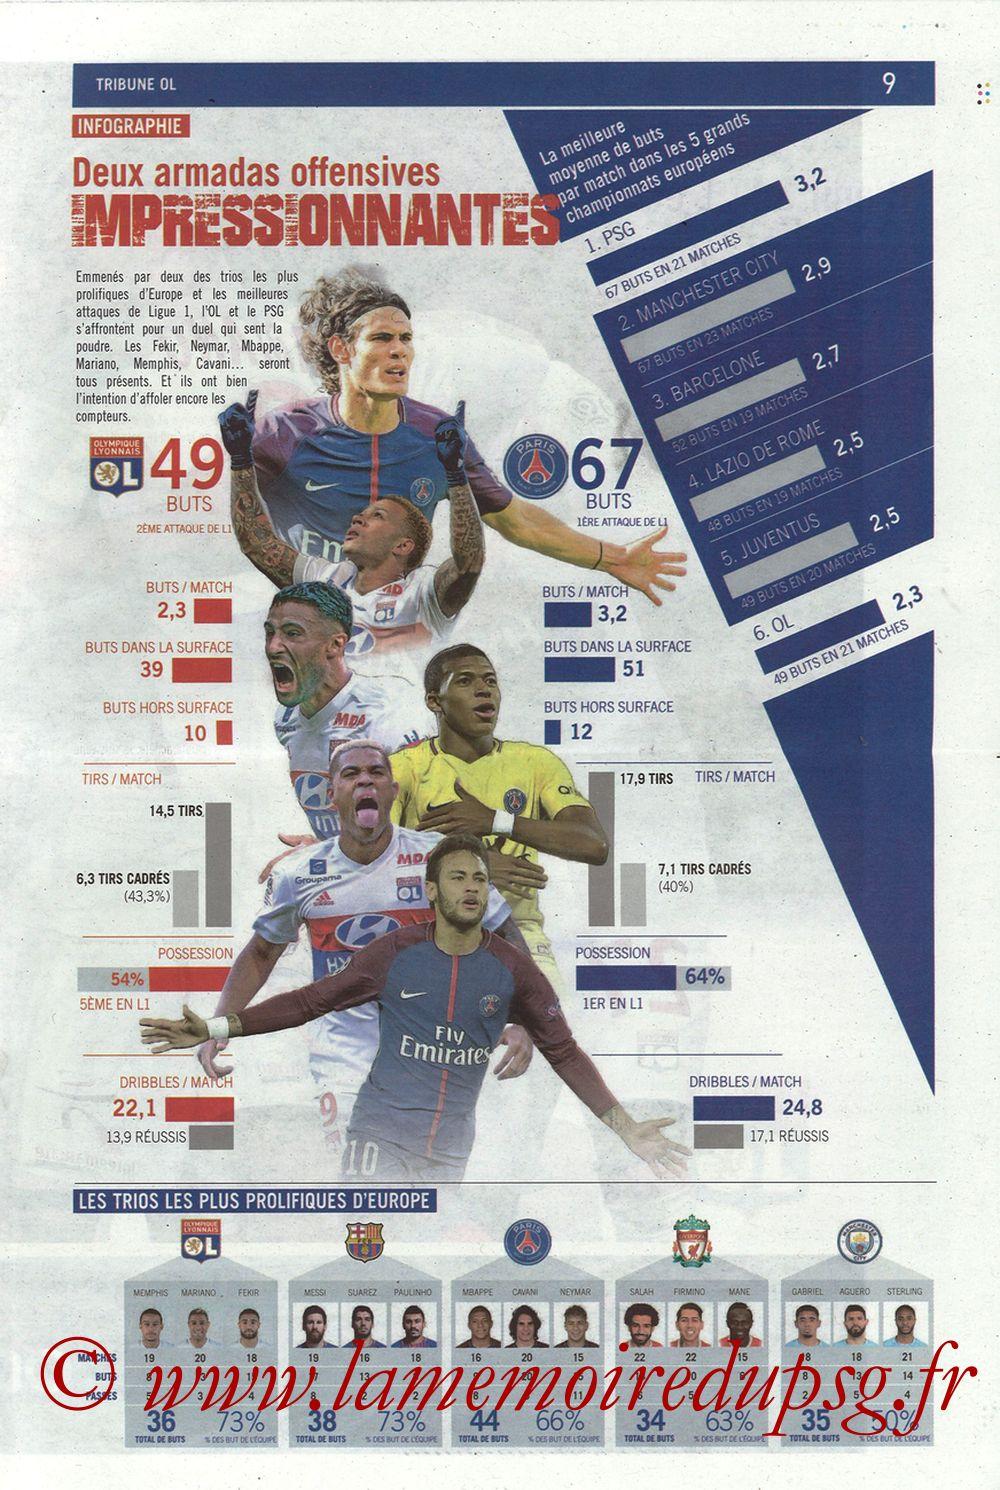 2018-01-21  Lyon-PSG (22ème L1, La Tribune OL N° 244) - Page 09